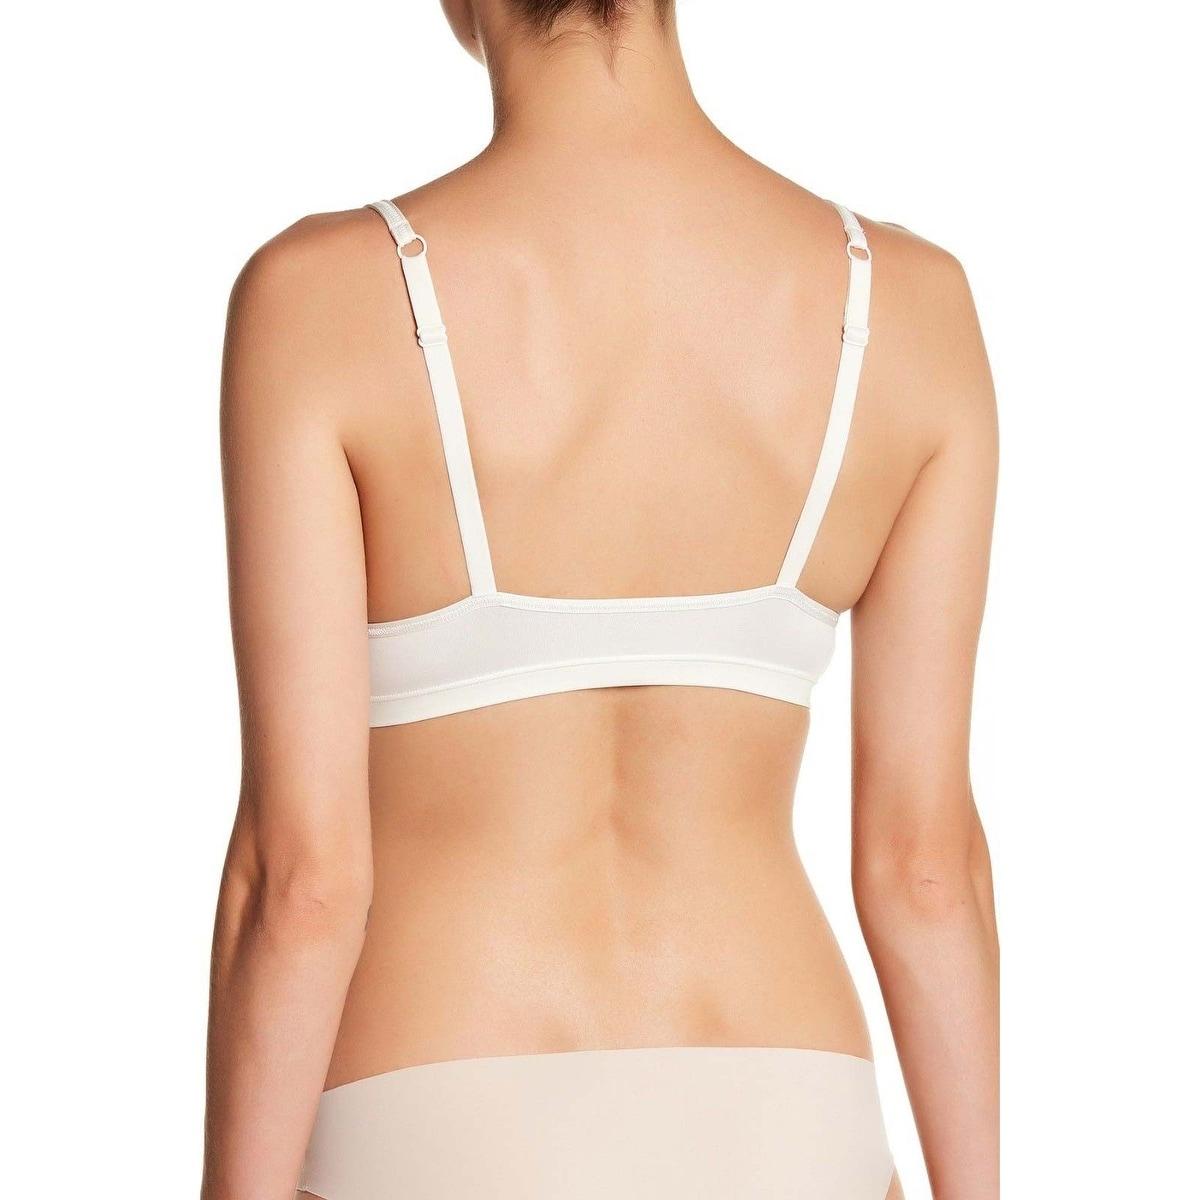 Shapewear Heidi Klum Nighties Size Small Pristine $60 Big Clearance Sale